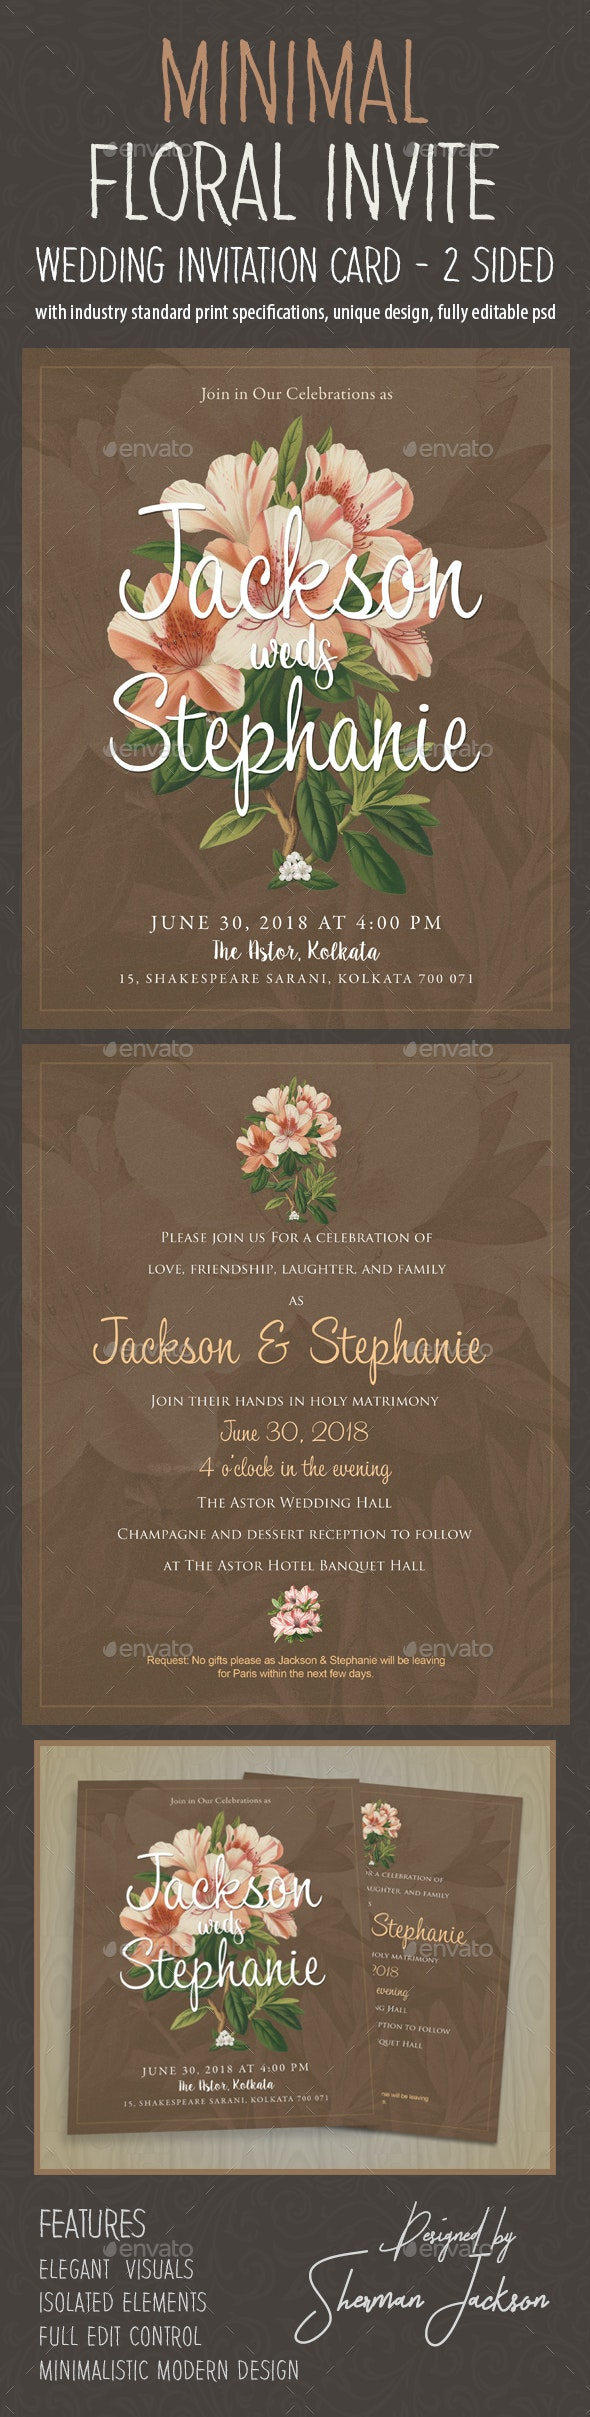 Minimal Floral Wedding Invitation - Weddings Cards & Invites